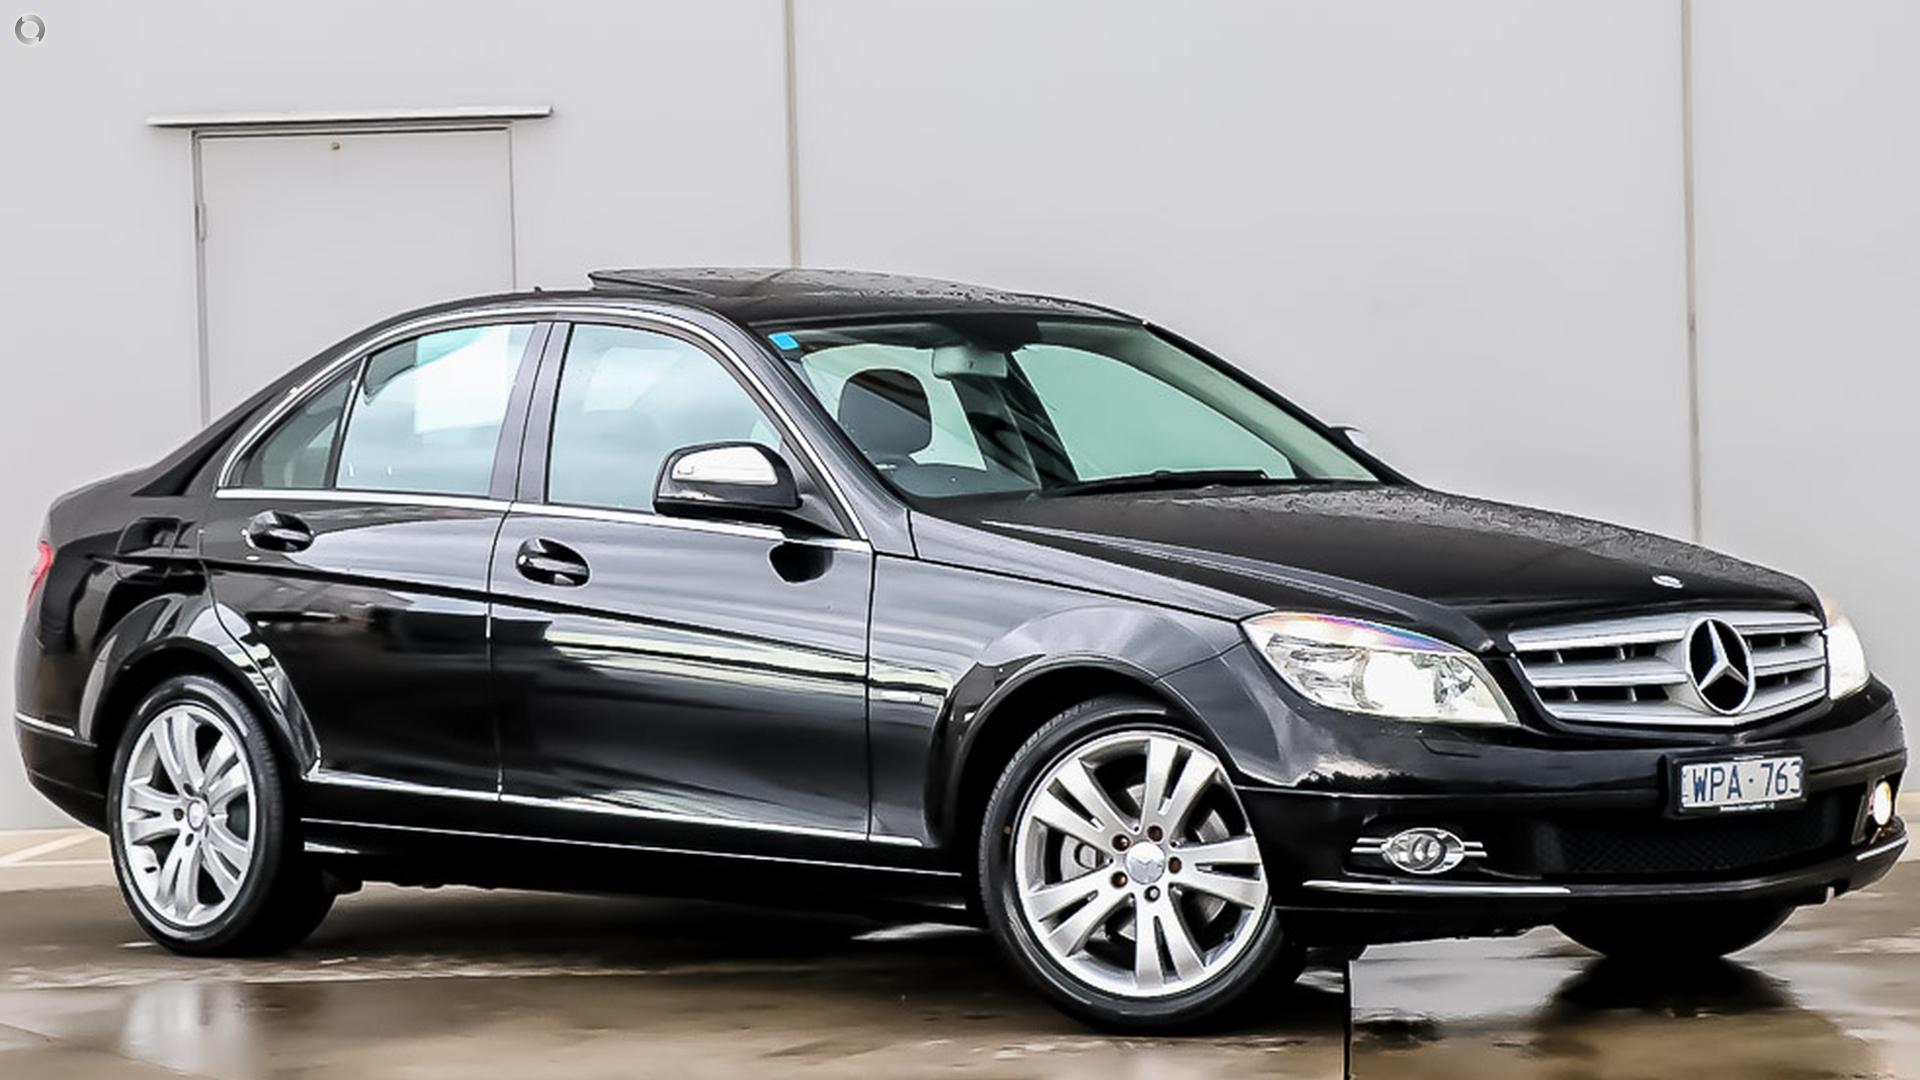 2008 Mercedes-benz C200 Kompressor Classic W204